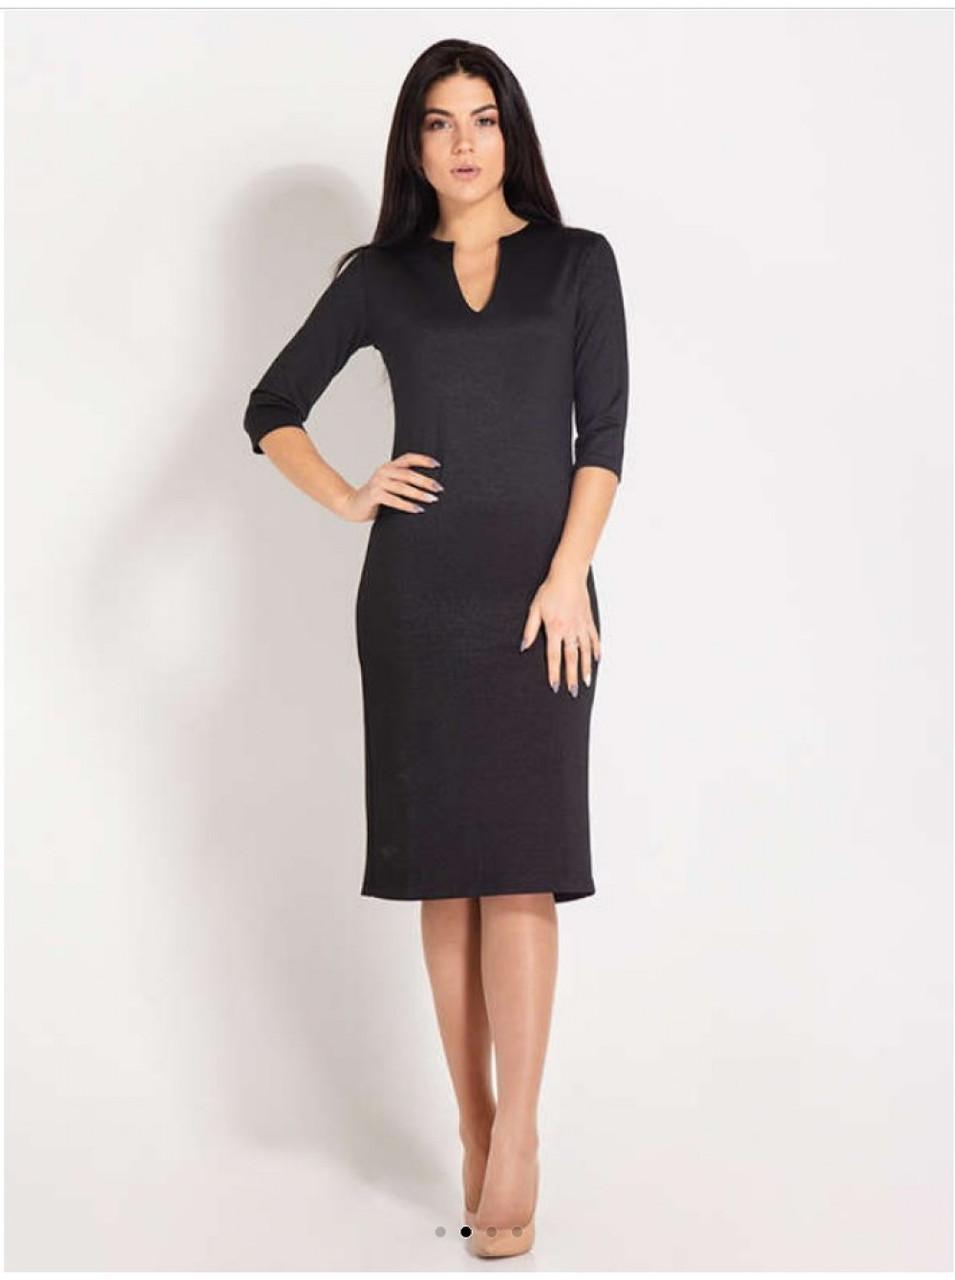 Плаття-футляр крапля чорного кольору. Сезон весна-осінь.